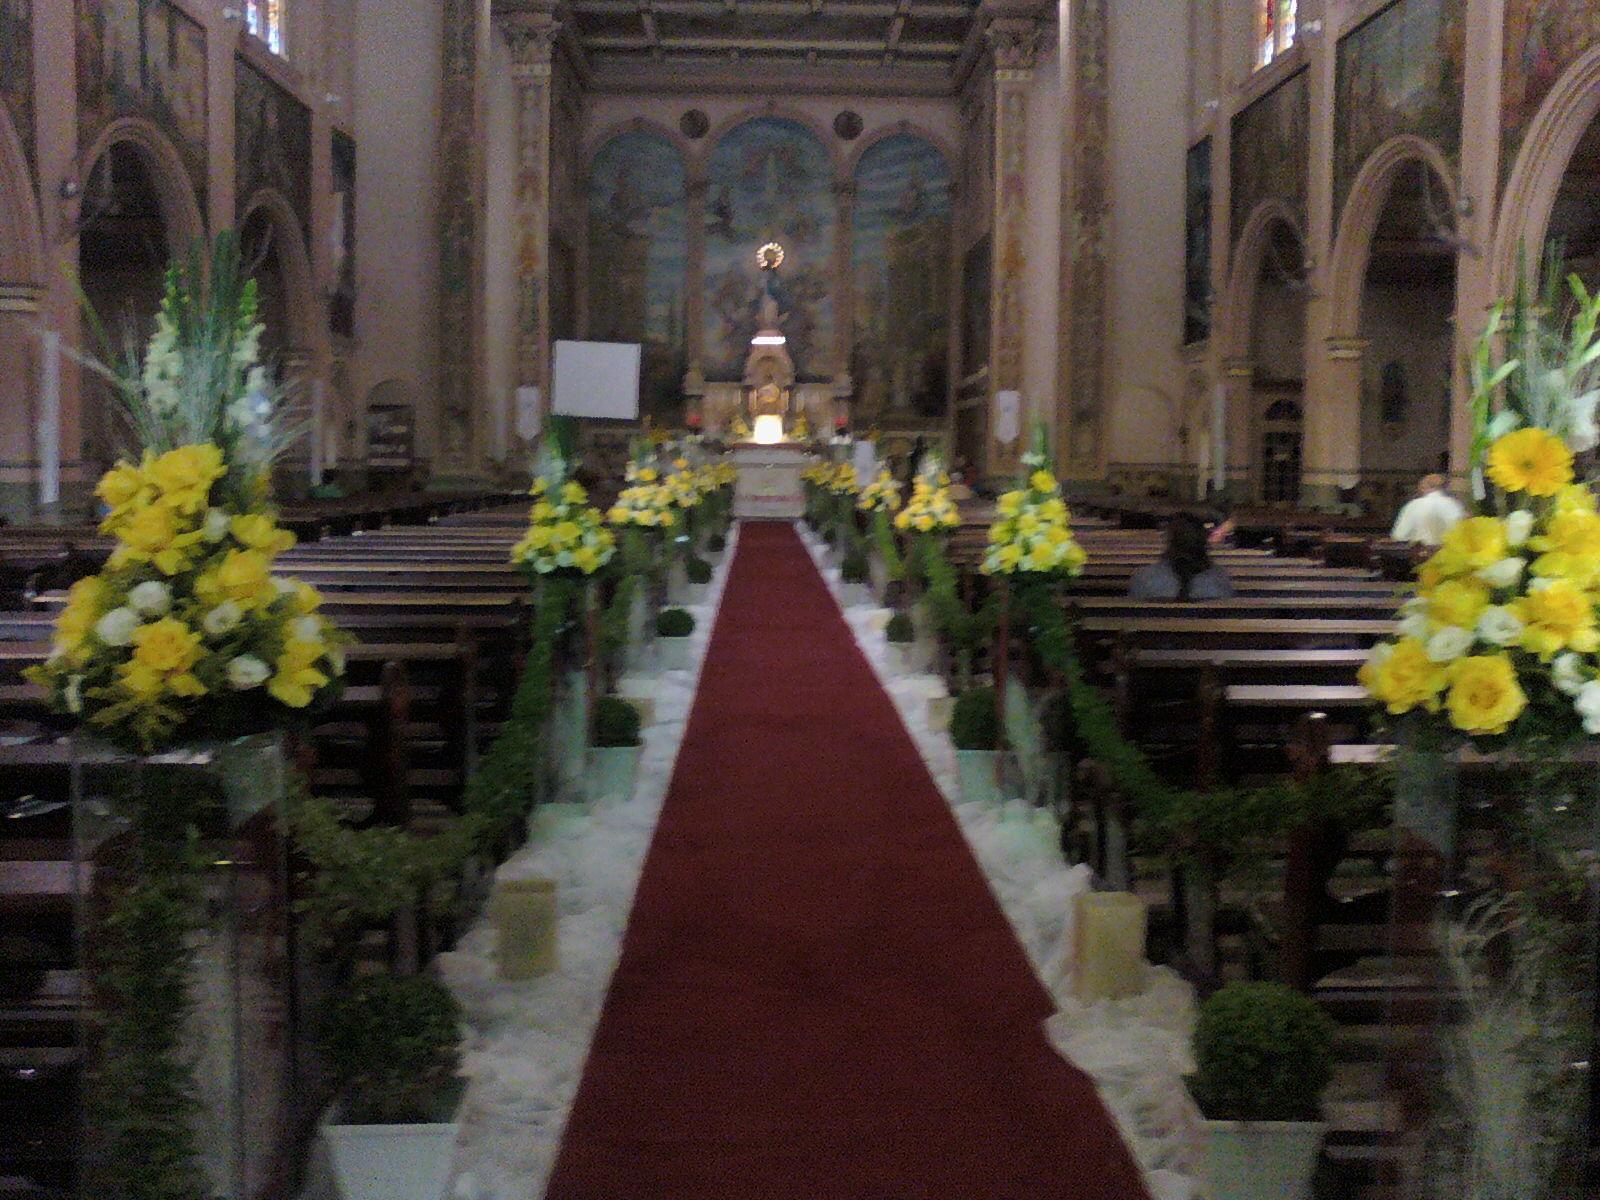 decoracao de igreja para casamento azul e amarelo : decoracao de igreja para casamento azul e amarelo:Mas pesquisei algumas imagens para vocês terem uma idéia!